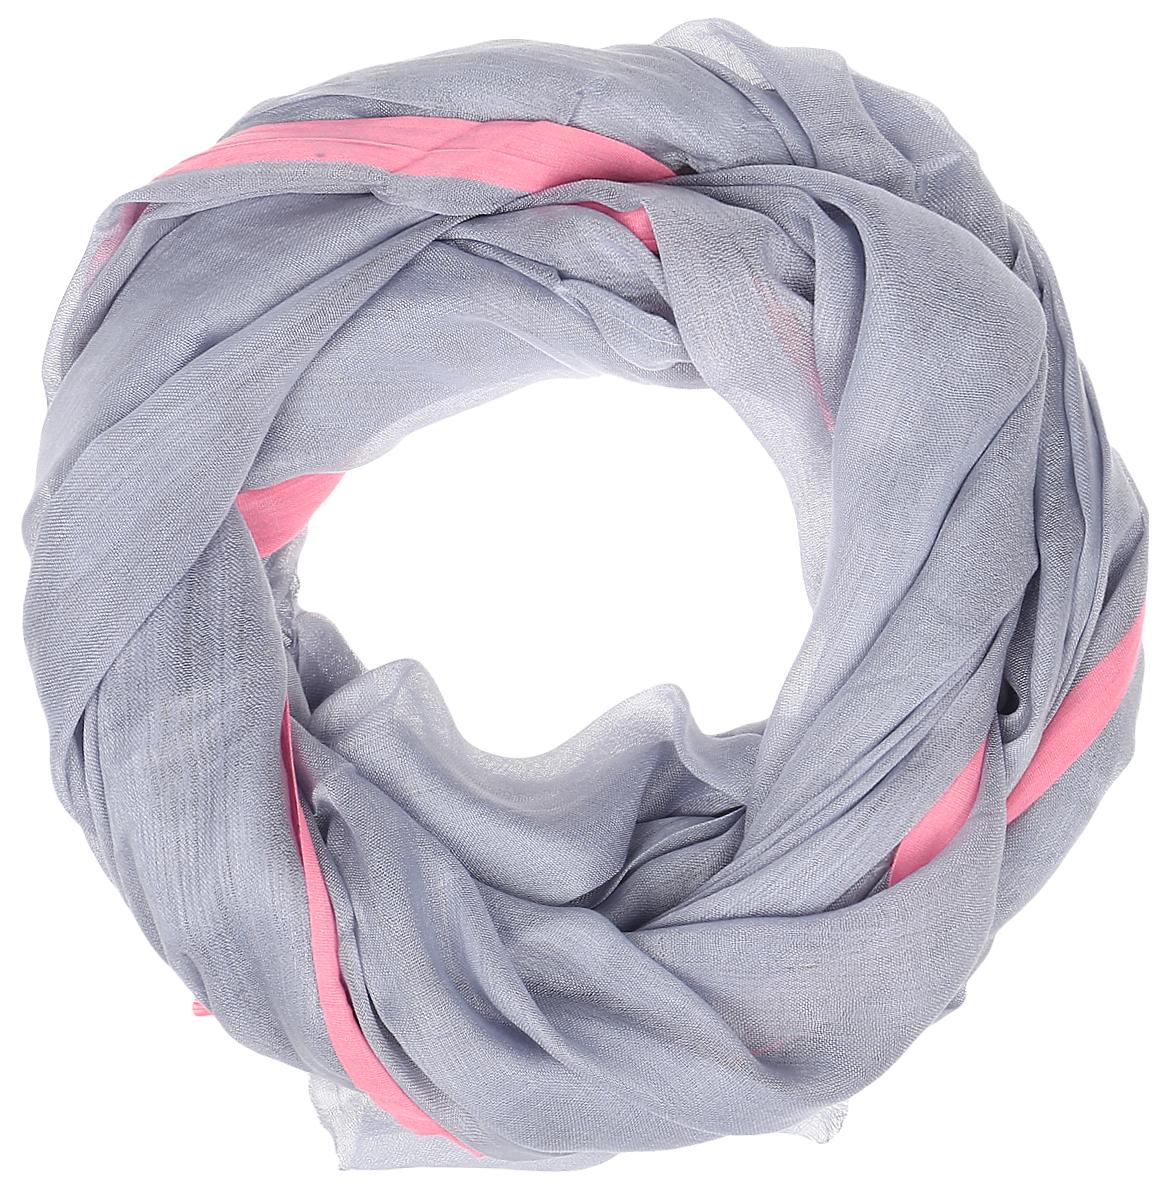 Шарф Imojo, цвет: серый. SkY131002. Размер 180 см х 100 смSkY131002Яркий шарф, отличное дополнение к образу.